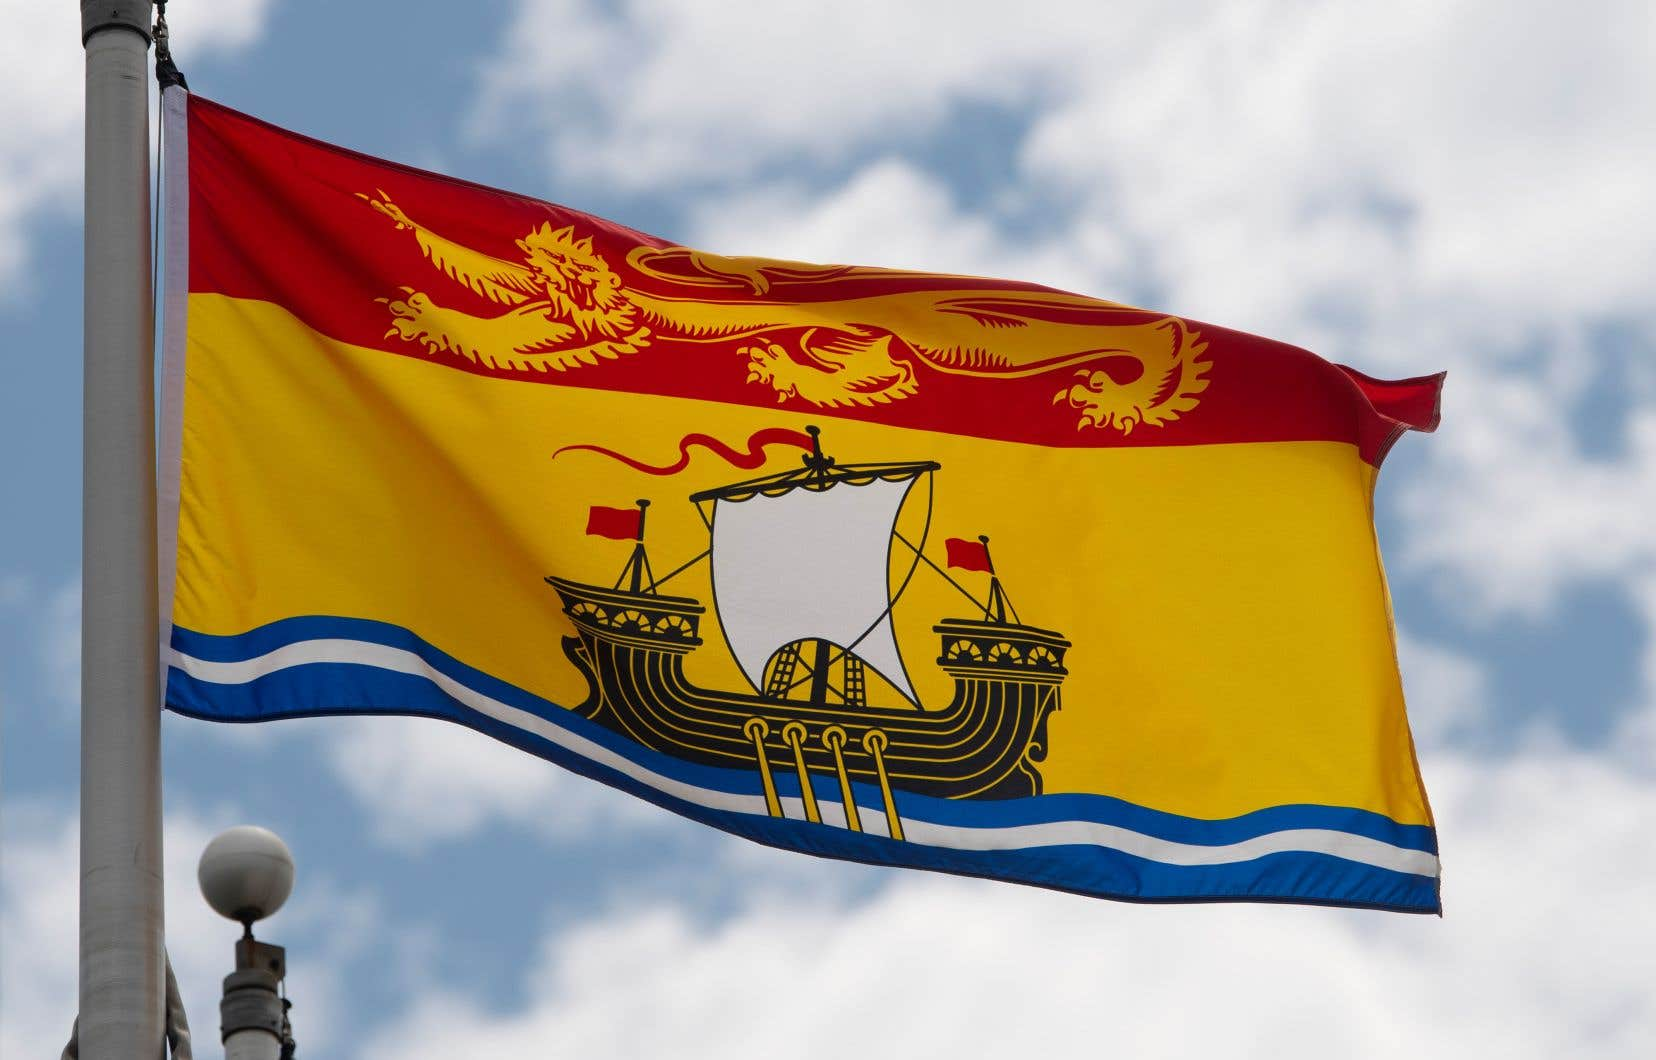 «L'amélioration de la qualité de vie des Néo-Brunswickois (...) passe par l'habilitation des acteurs locaux et régionaux à pouvoir agir de manière adaptée et concertée afin de relever les nombreux enjeux qu'impose un développement territorial durable», écrit l'auteur.